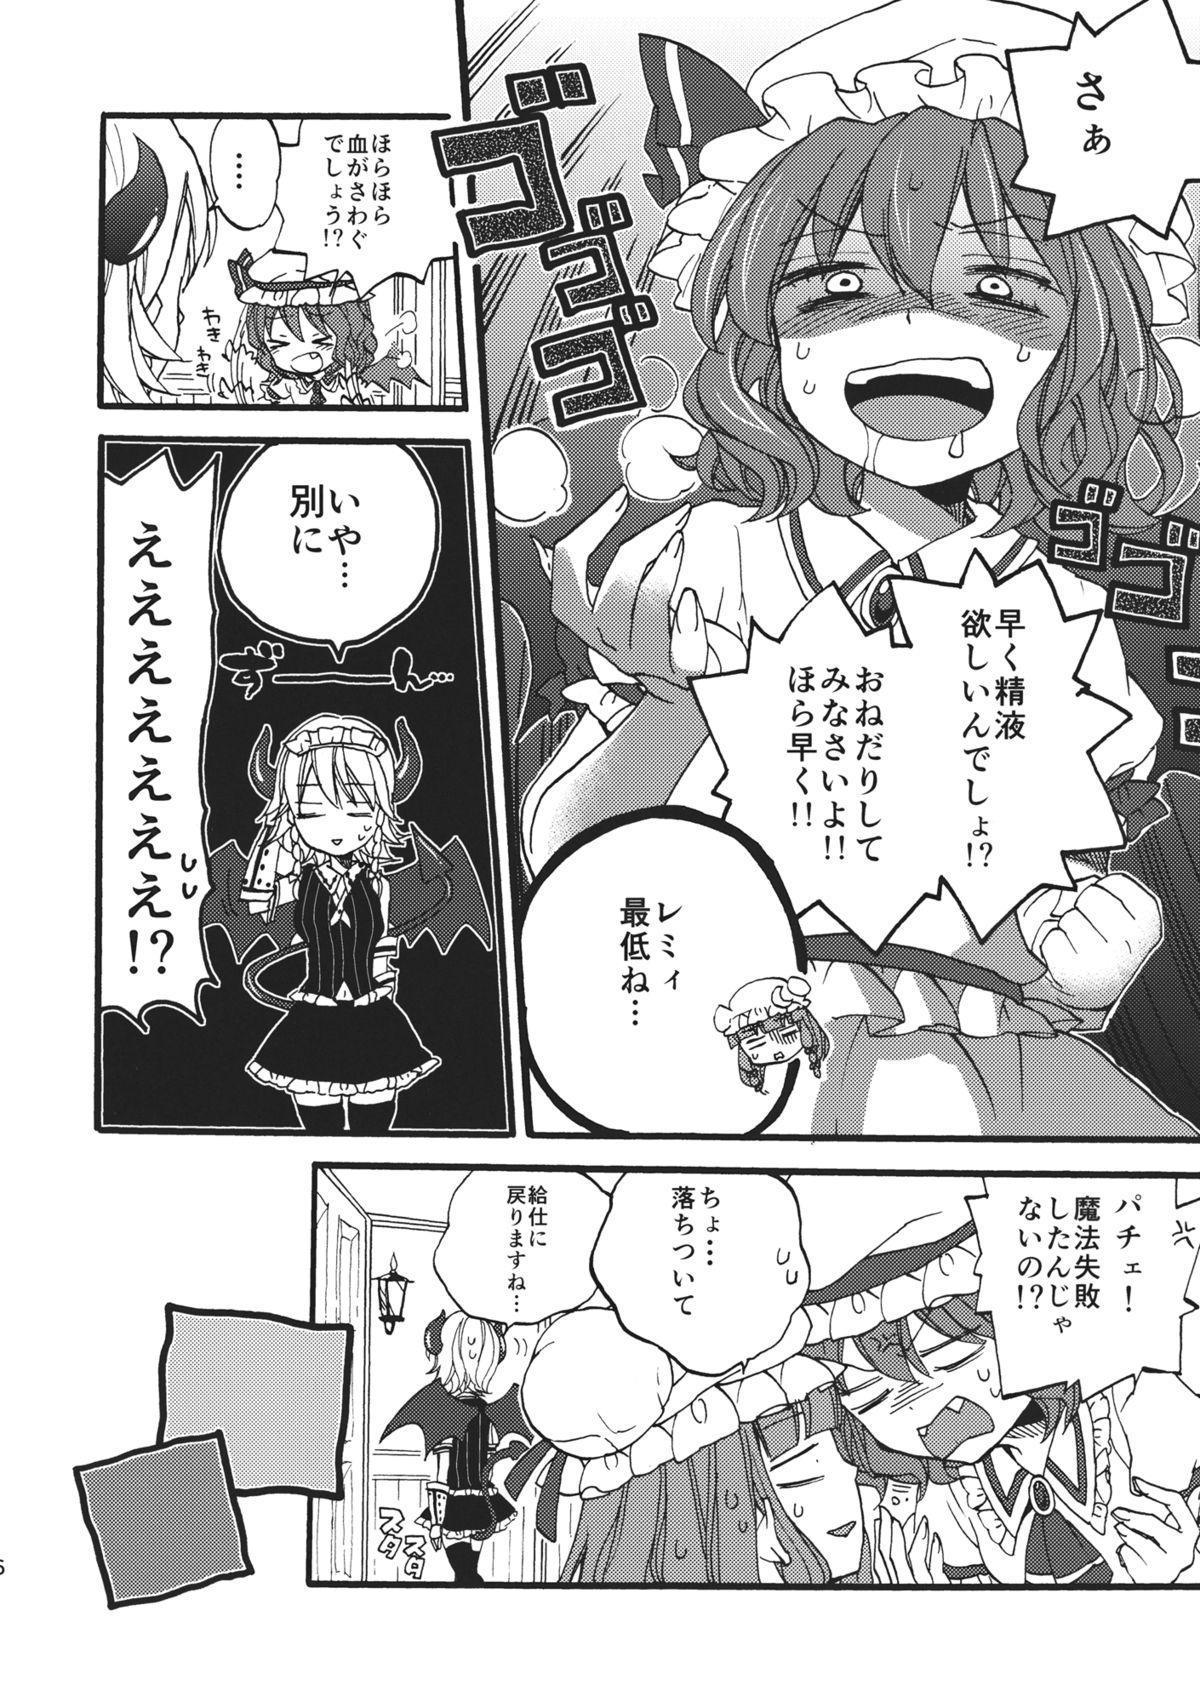 Totsuzen desuga, Sakuya-san niwa Seieki shika Nomenai Karada ni Natteitadakimashita. 5